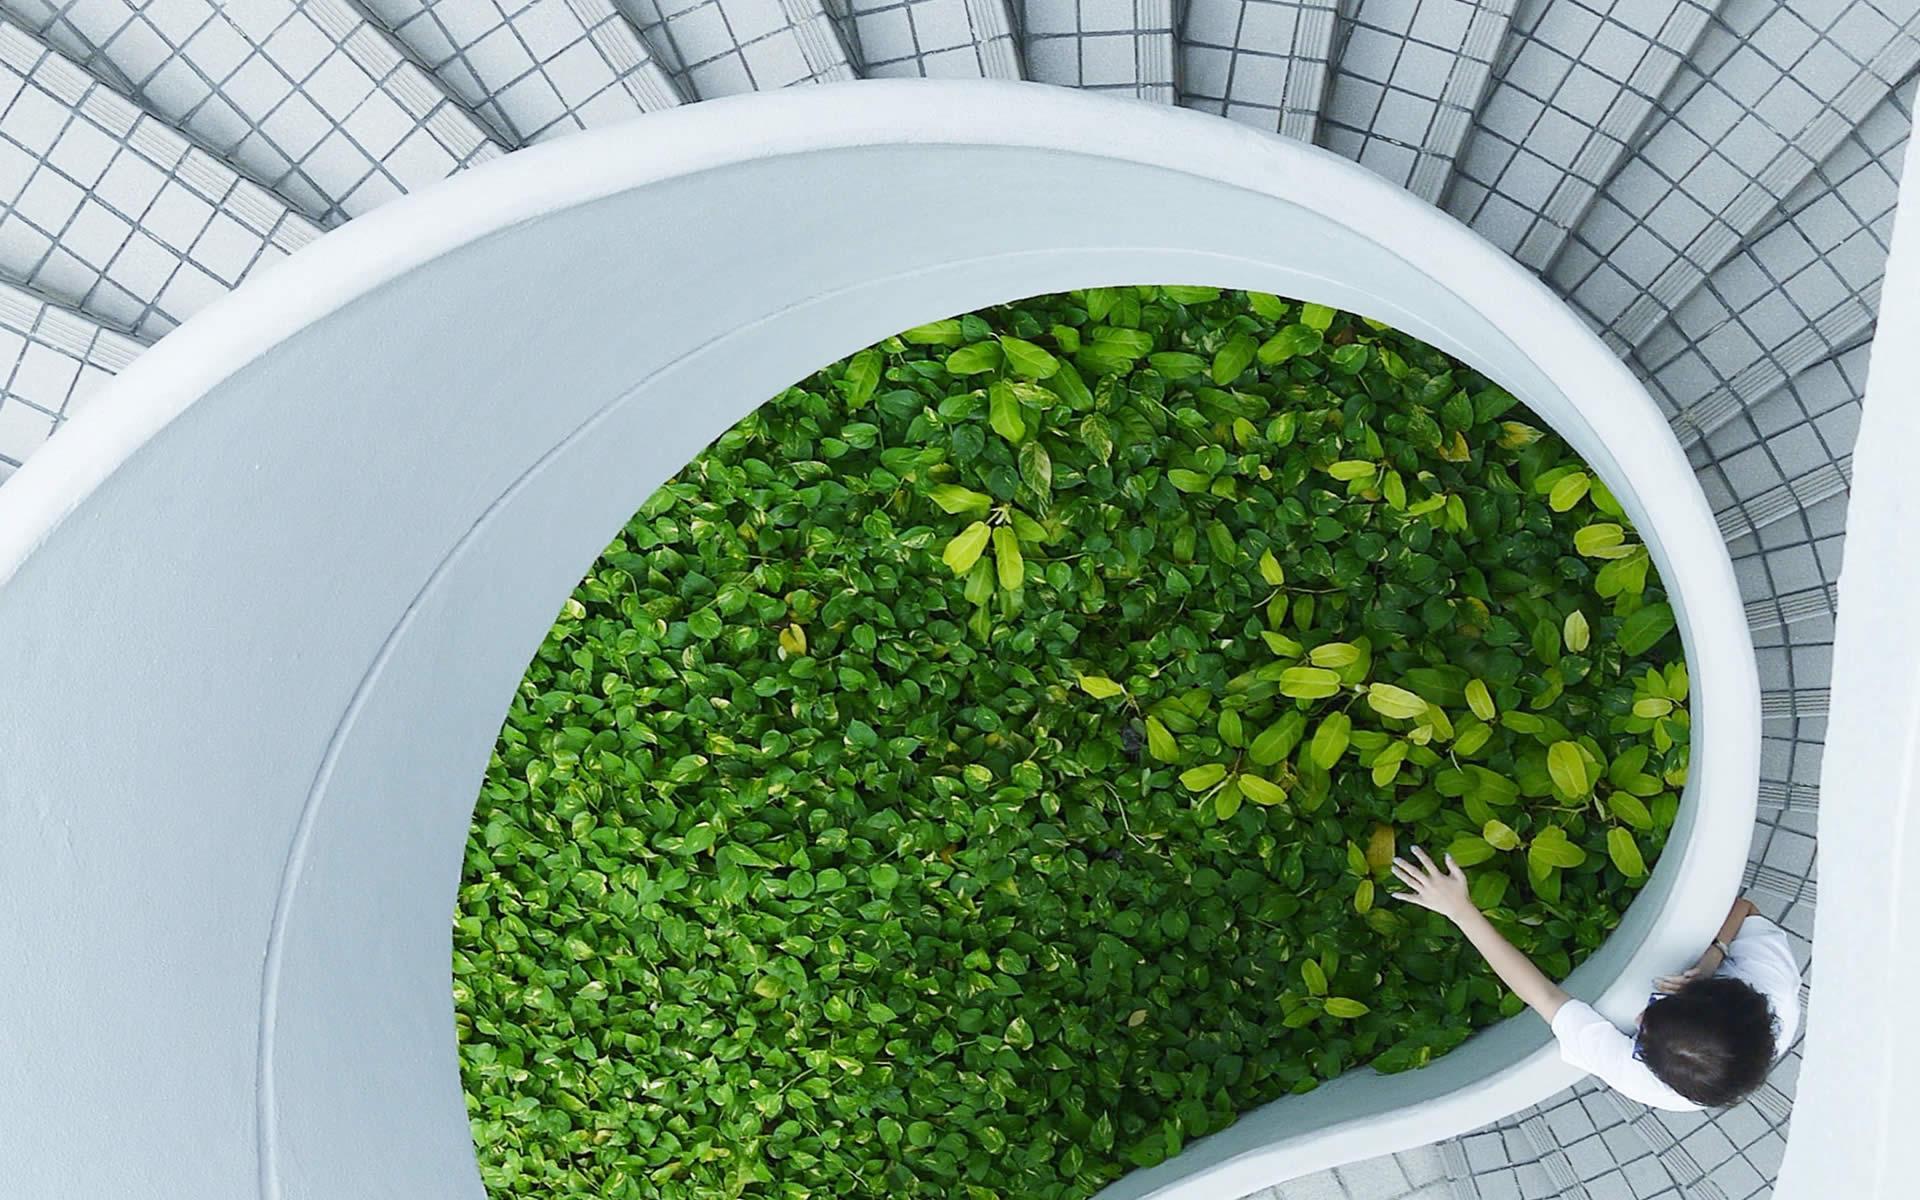 Innovazione, sviluppo e lavoro: la Green Economy traina le imprese